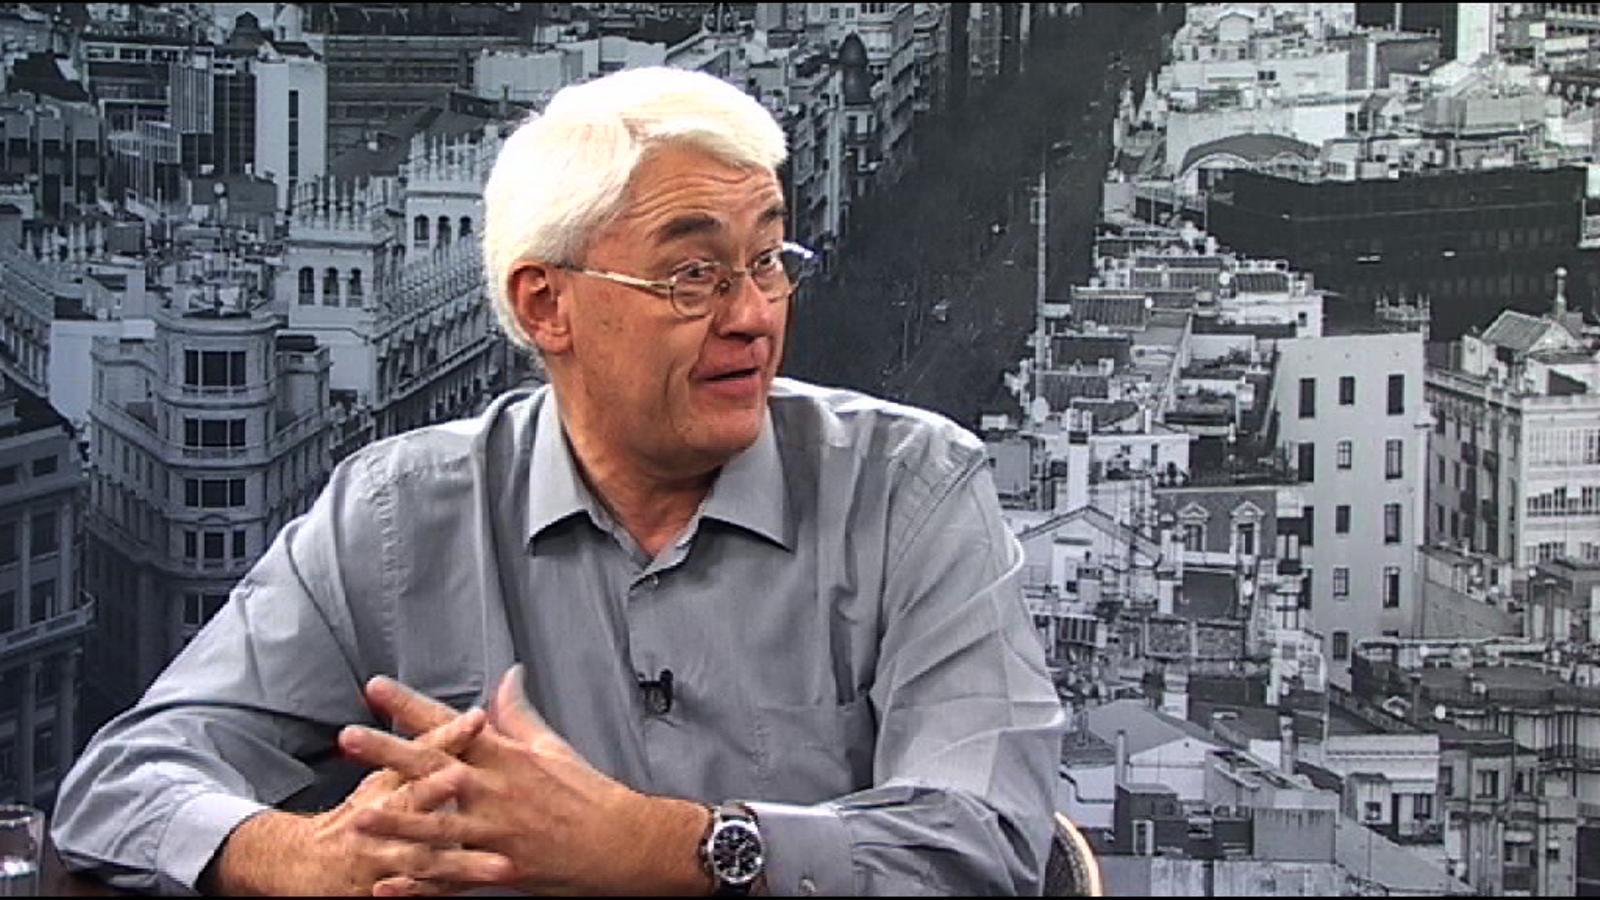 Klaus-Jürgen Nagel: La RDA volia ser una Alemanya millor, però va acabar sent una doctrina obligatòria a les escoles